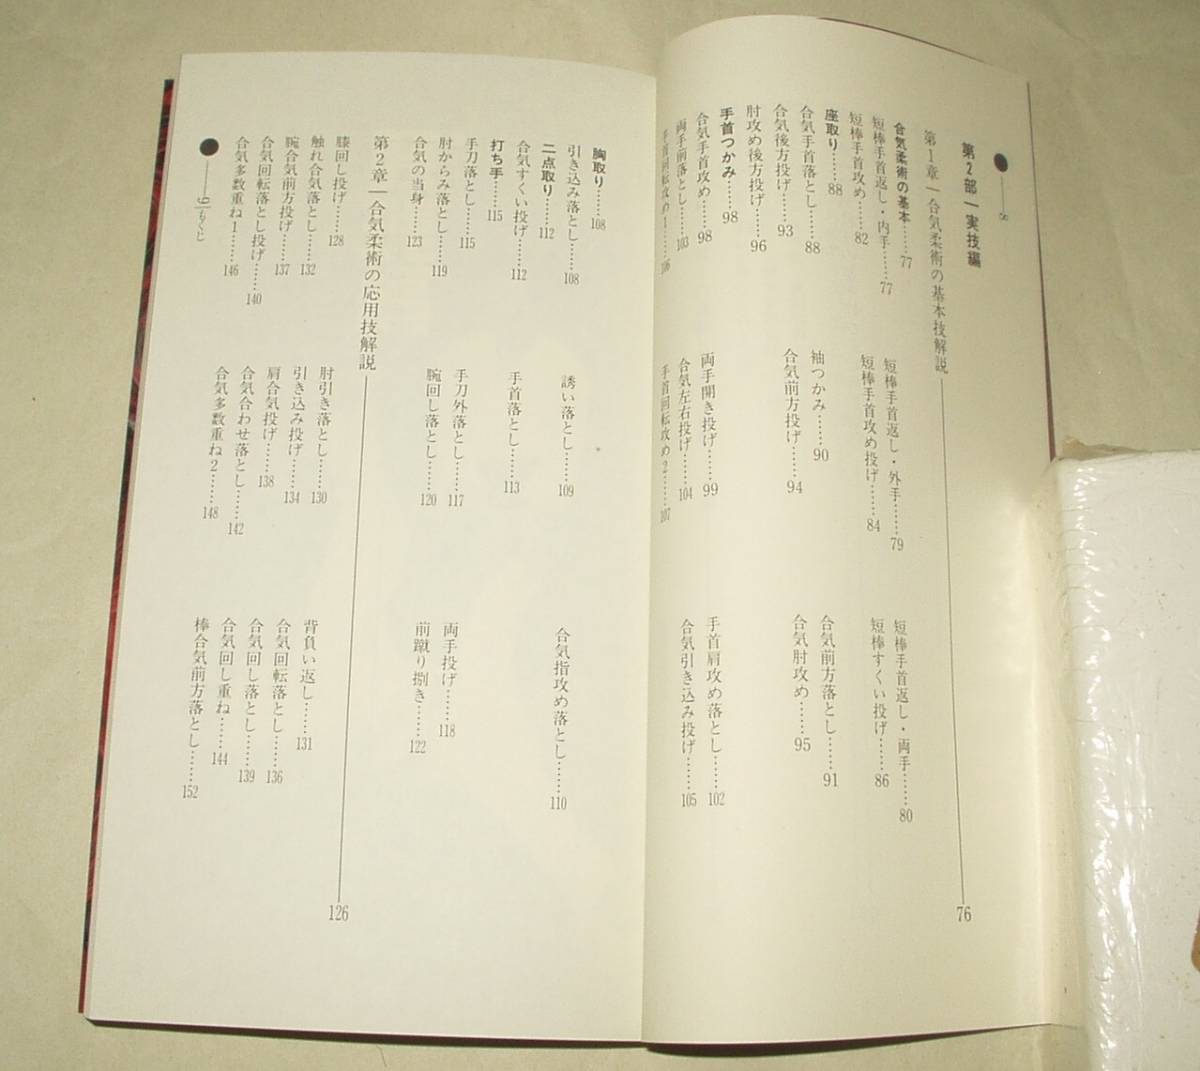 学研 奥伝 大東流合気柔術 岡本正剛 高木一行 VHSソフトと書籍のセット品_画像6